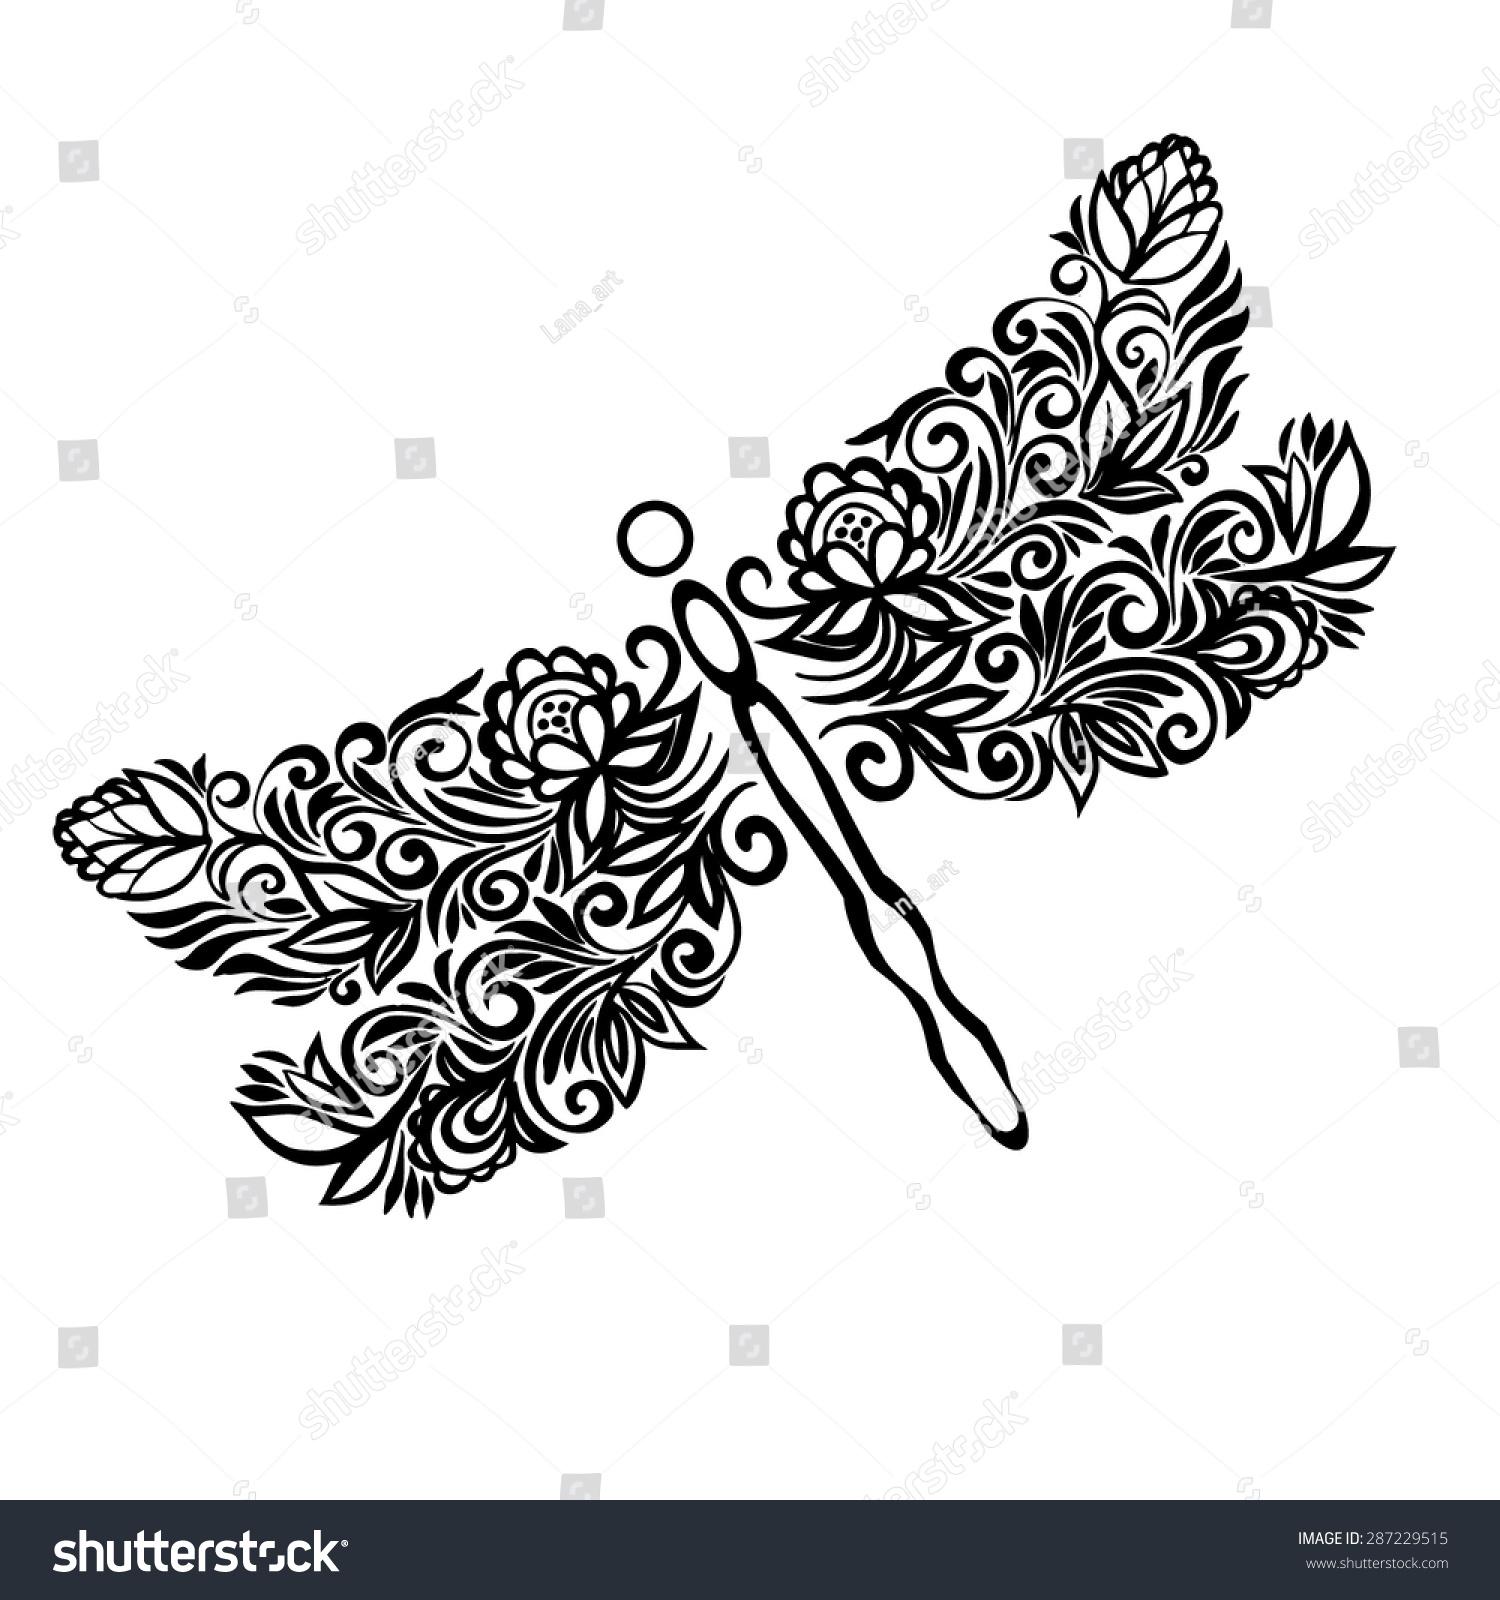 Dragonflya symbol femininitypatterned stylized image dragonfly dragonflya symbol of femininitytterned stylized image of a dragonfly painting biocorpaavc